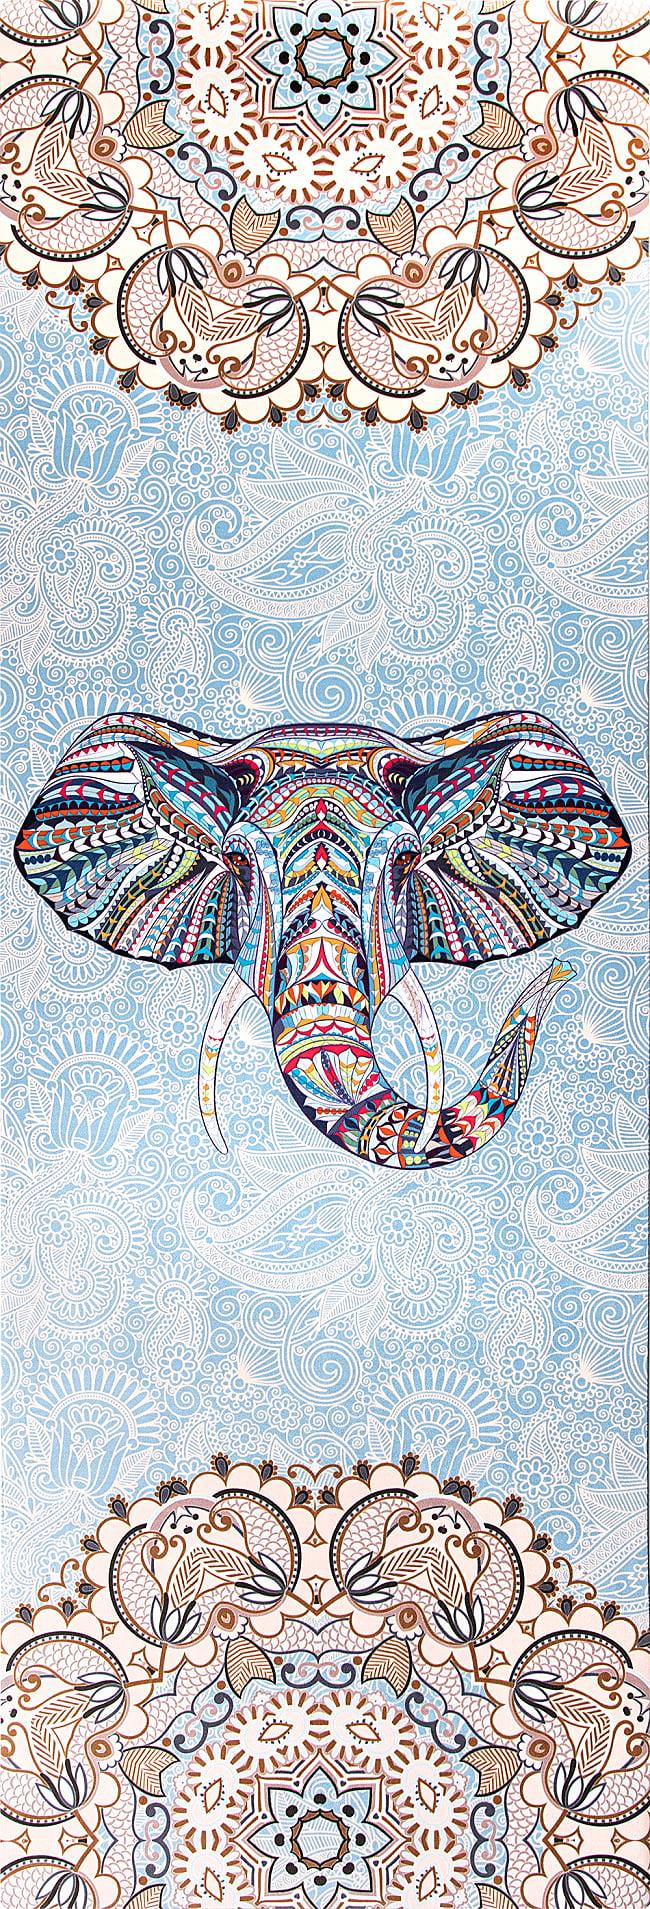 (天然ゴム)高品質エスニックヨガマット4mm - AFRICAN ELEPHANT 2 - 全体写真です